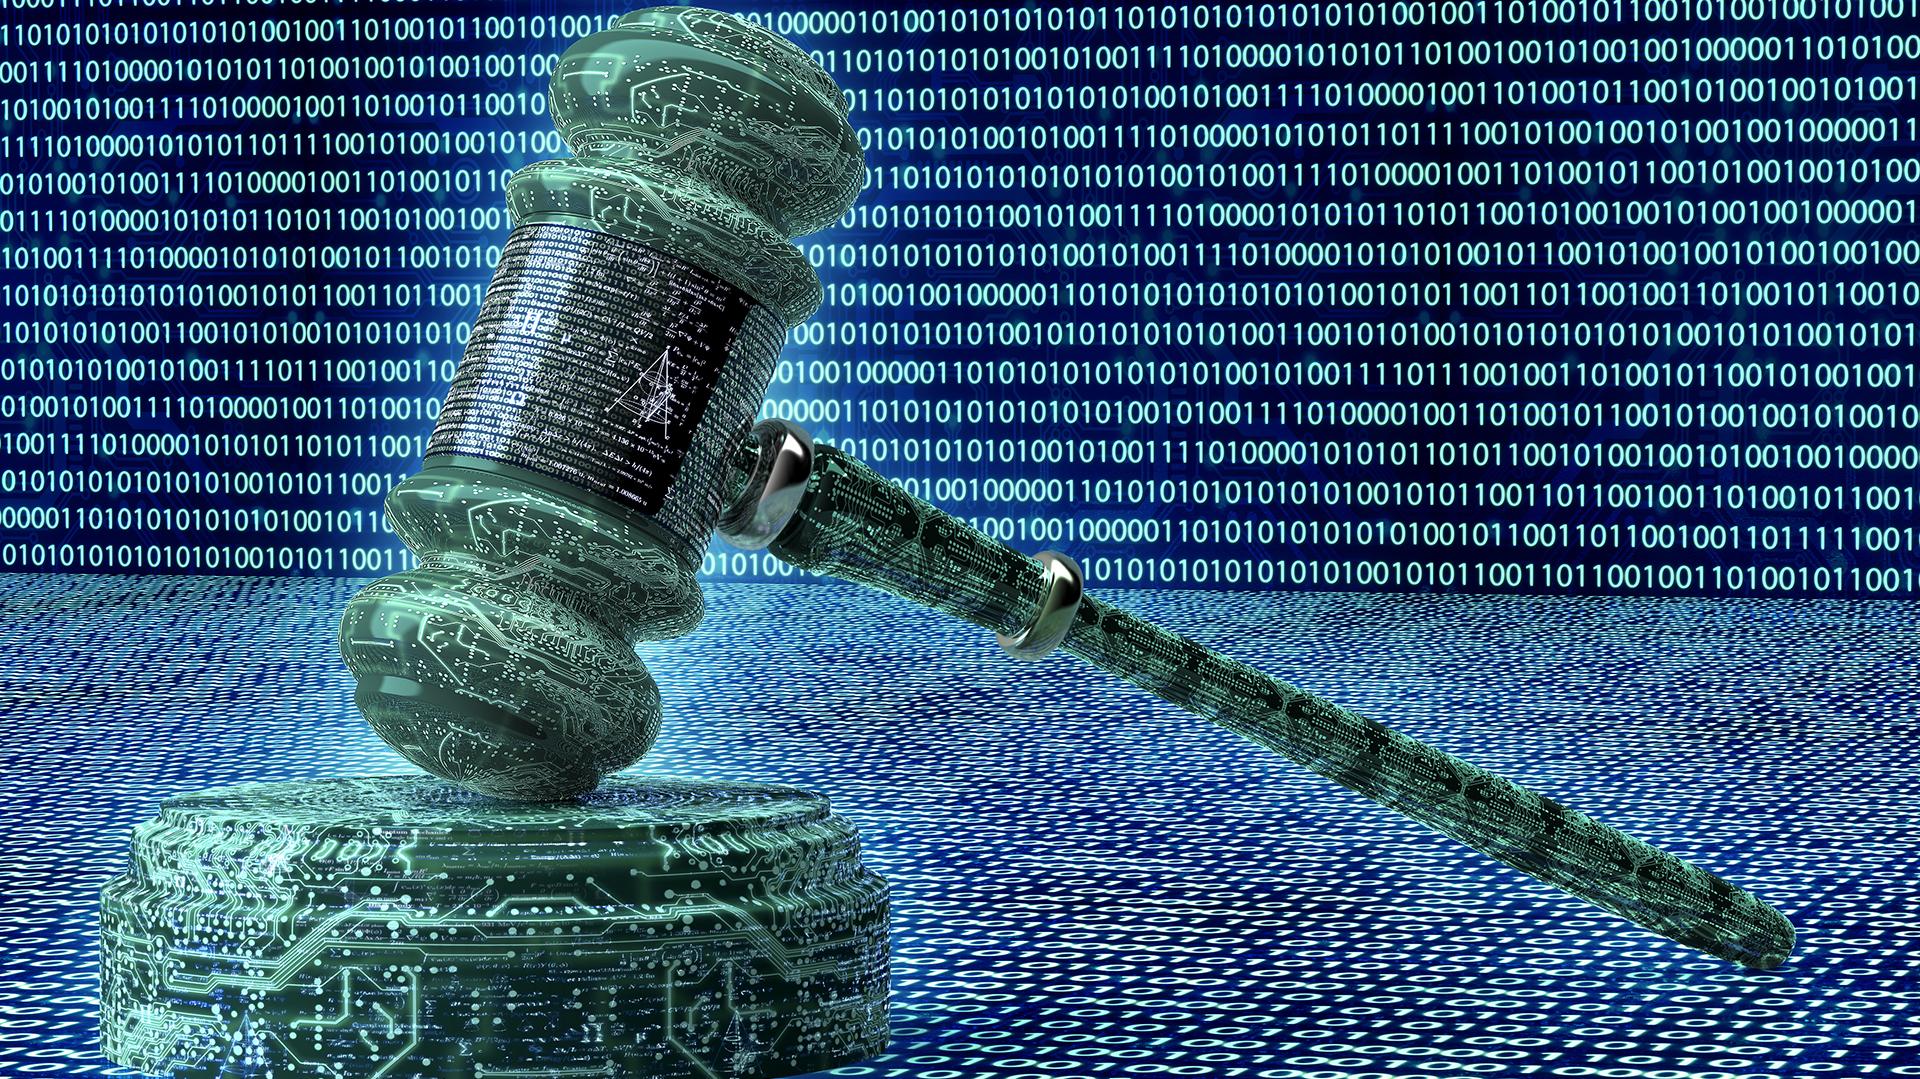 El juez Mark Warby del Tribunal Supremo (High Court) falló a favor del pedido del hombre que solicitó que se borrara su pasado criminal(IStock)